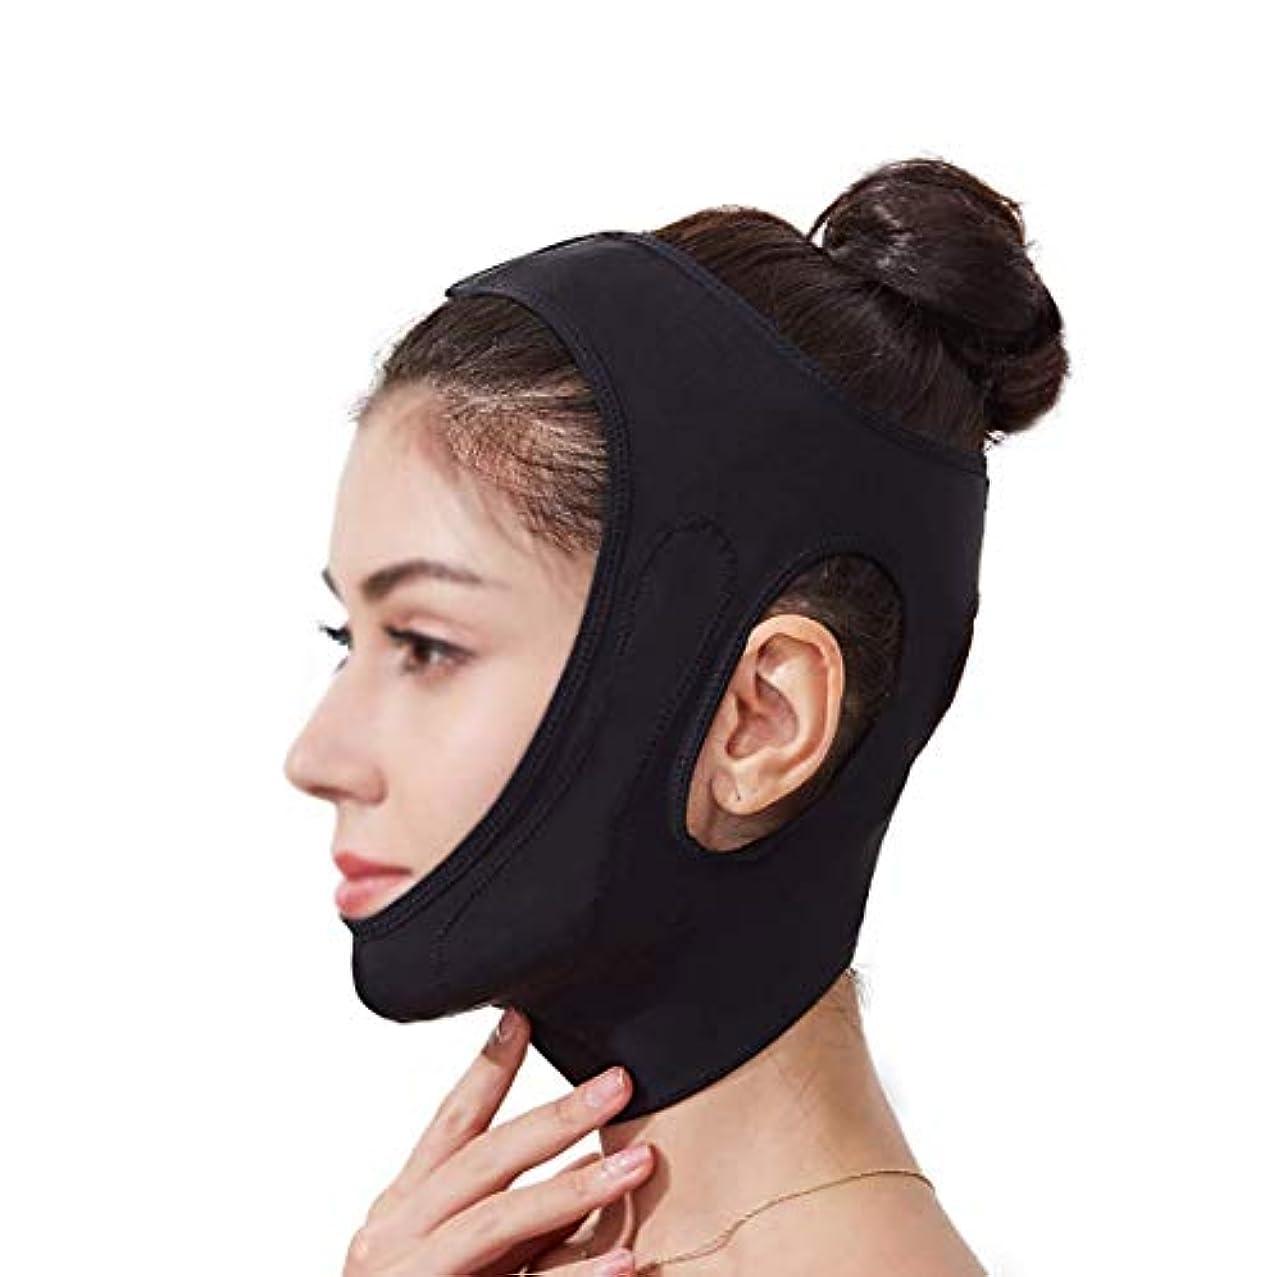 剣歩行者タップフェイスリフティングマスク、360°オールラウンドリフティングフェイシャルコンター、あごを閉じて肌を引き締め、快適でフェイスライトをサポートし、通気性を保ちます(サイズ:ブラック),ブラック